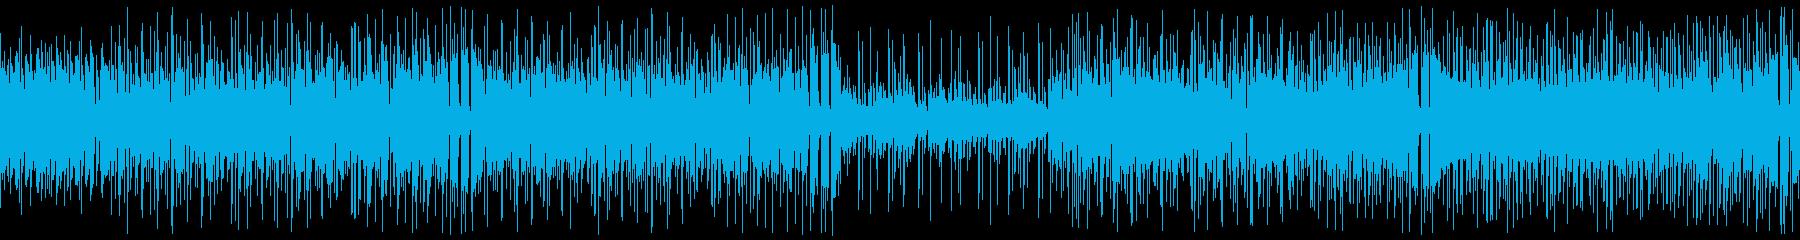 【ベース抜き】クラビネット主体のファン…の再生済みの波形